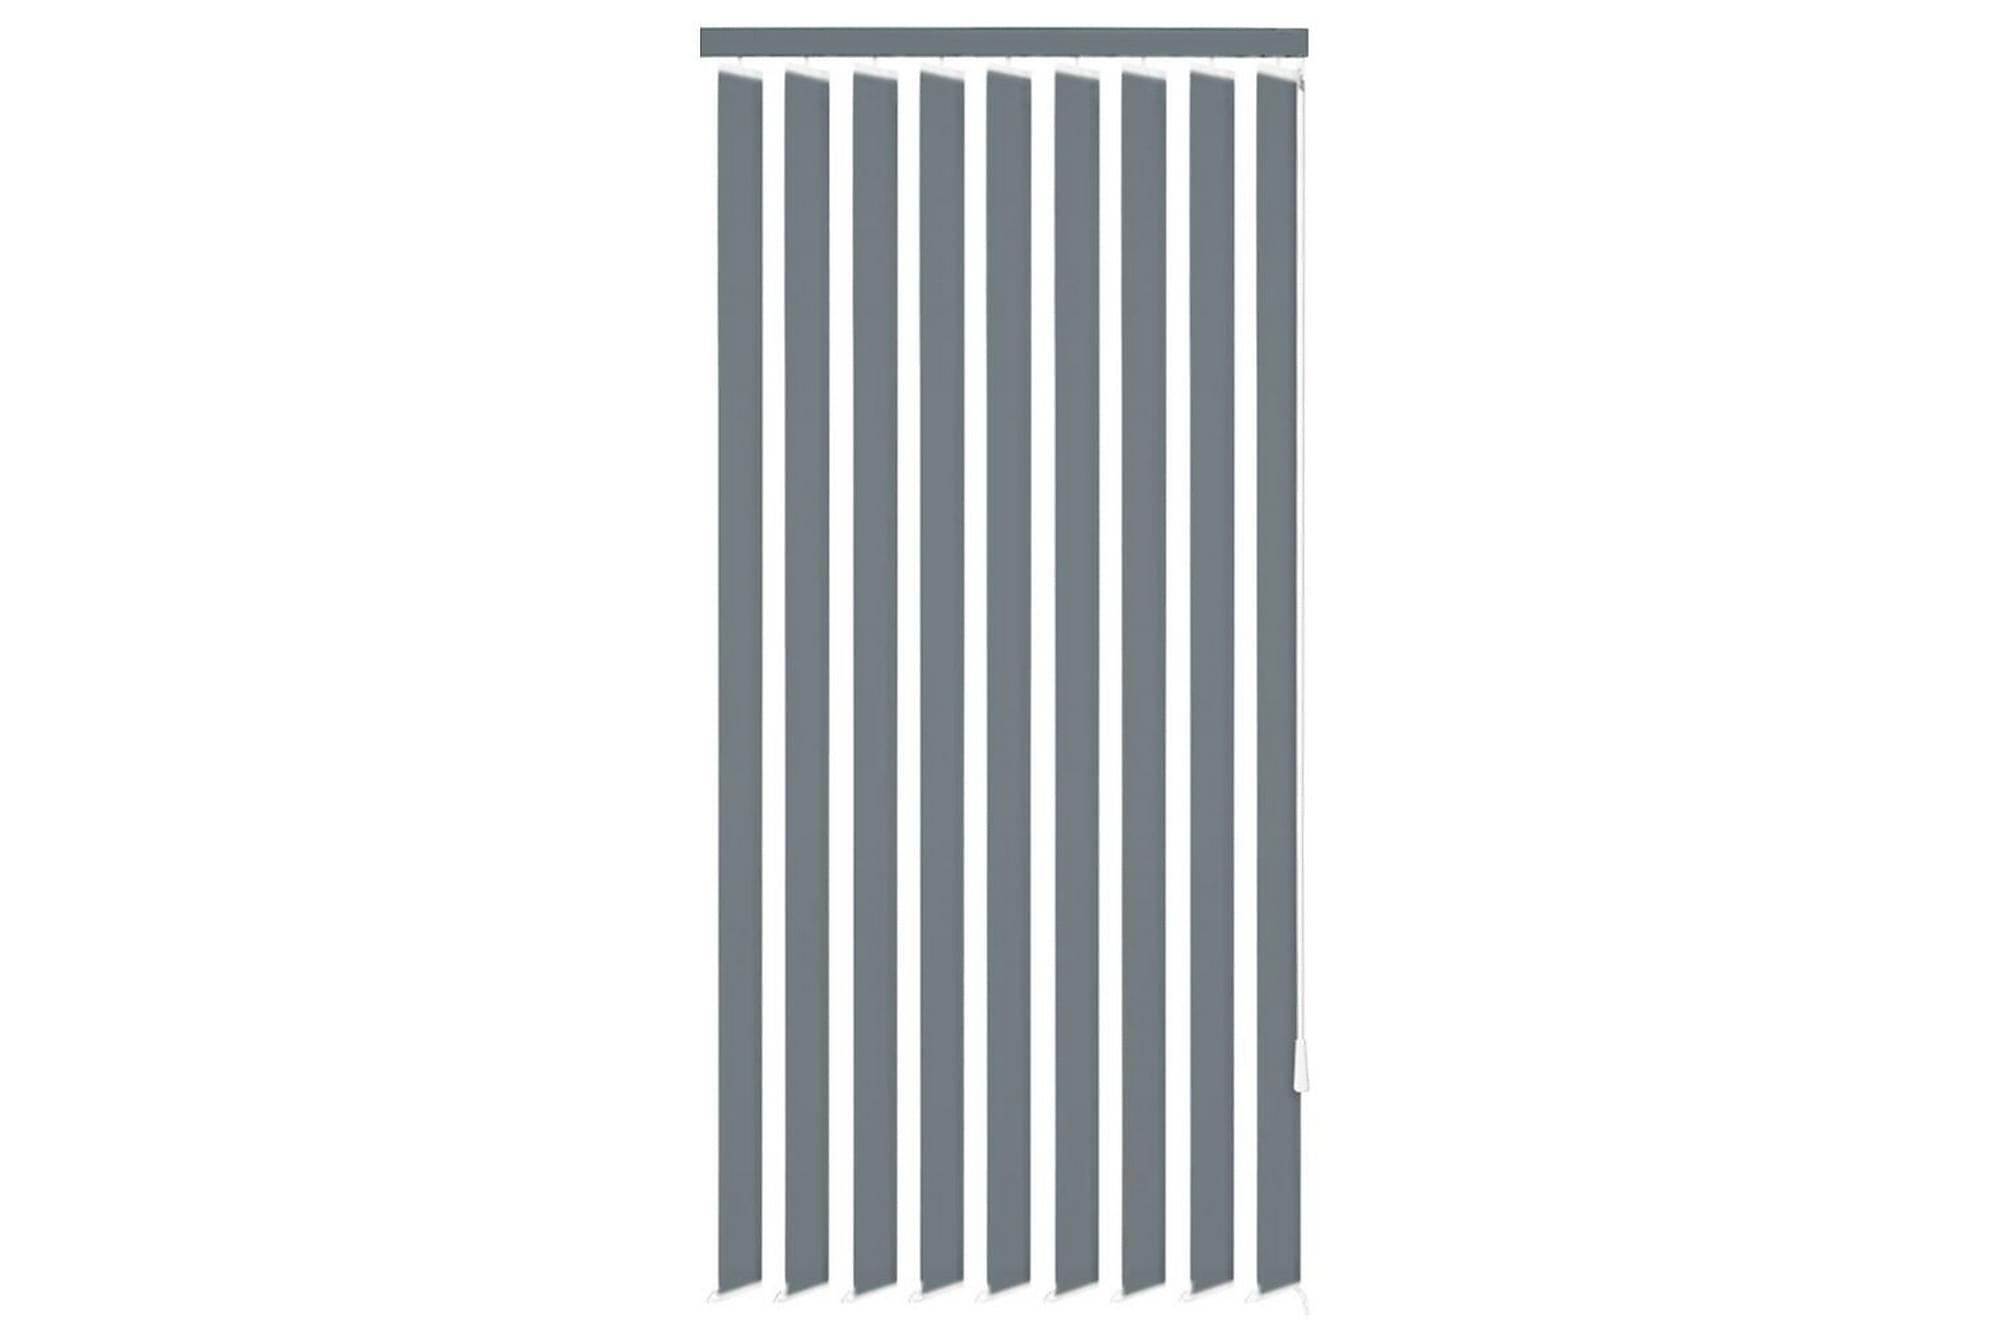 Draperi tyg 150x250 cm grå, Presenningar